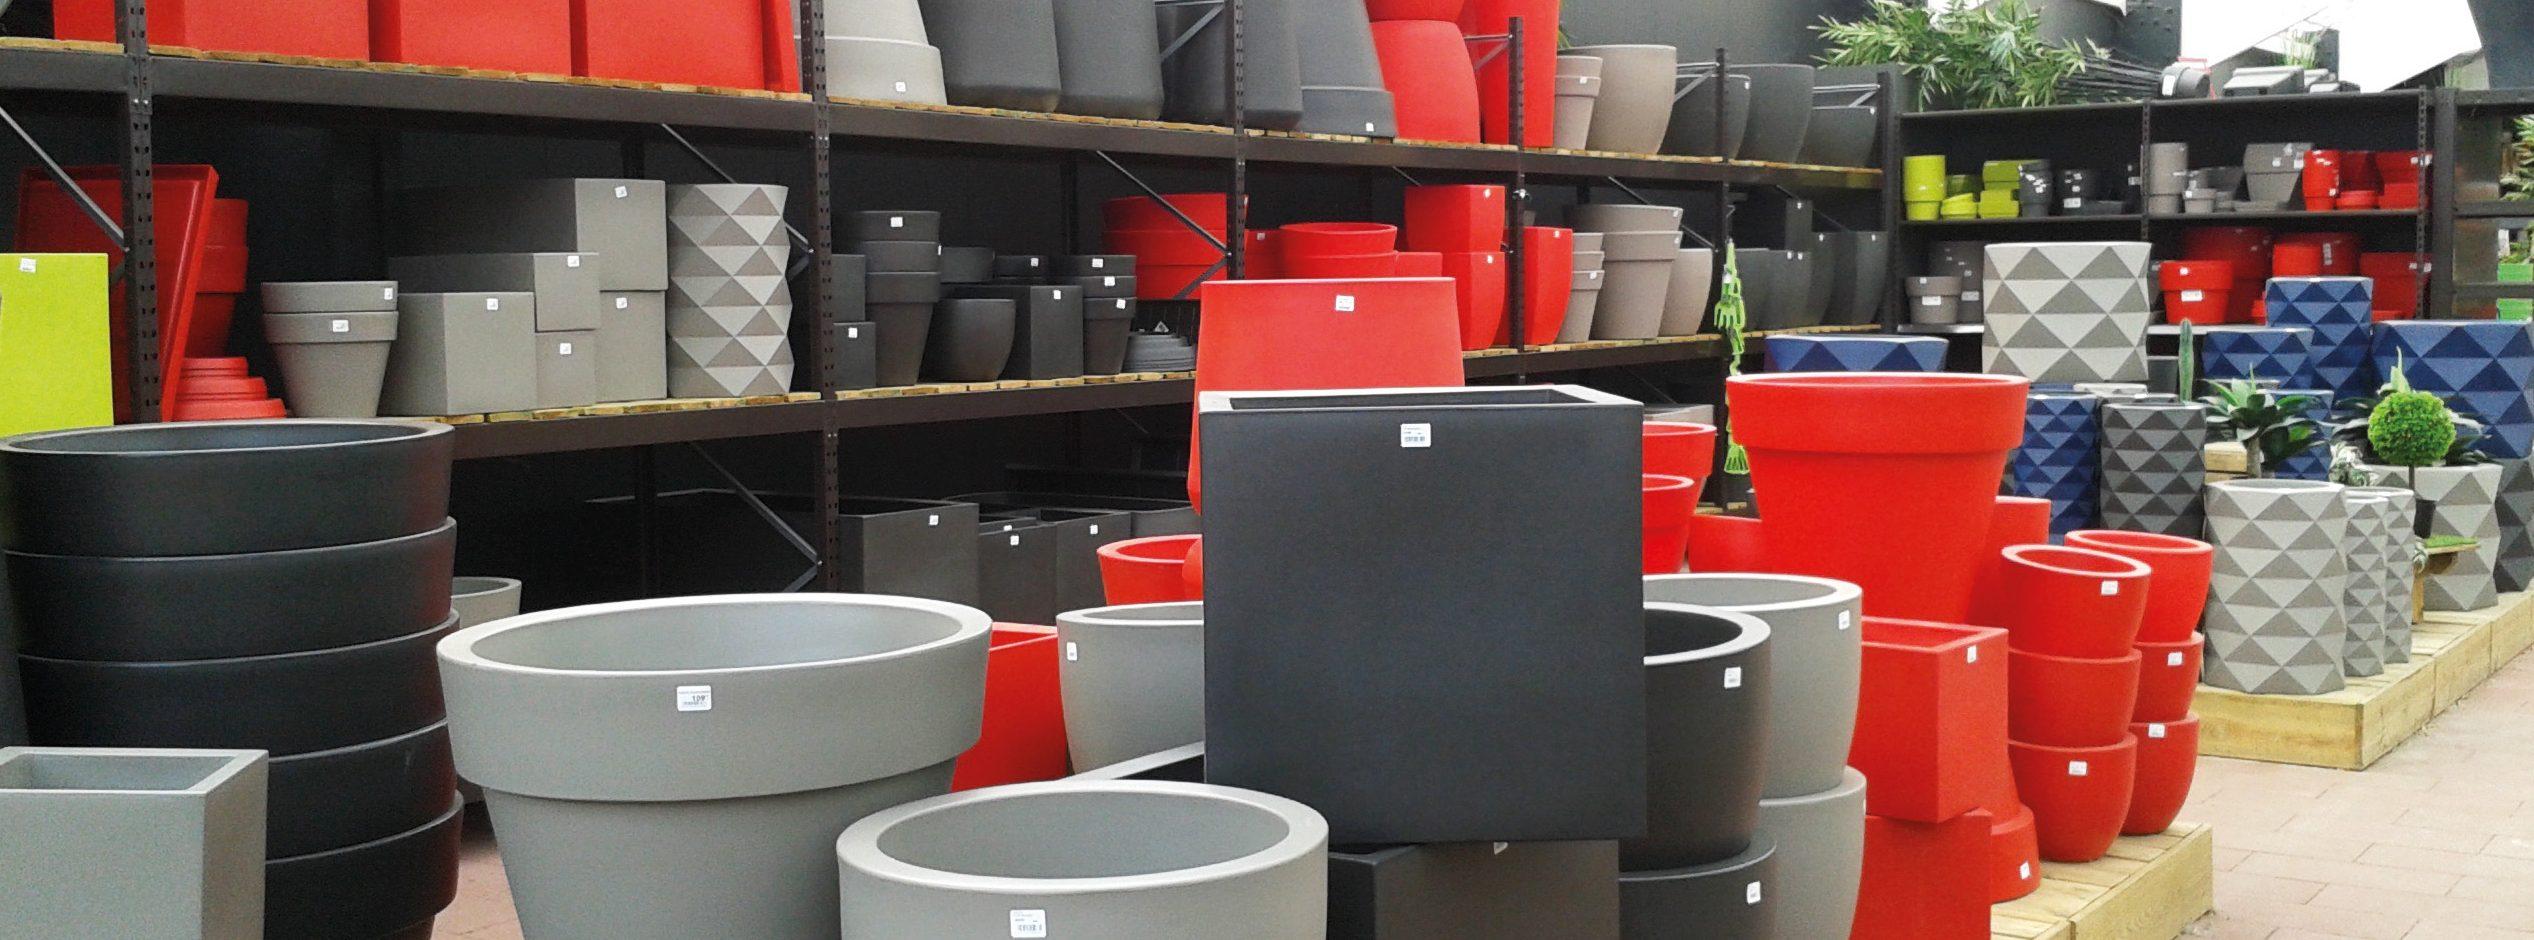 Les pots en plastique se déclinent en de multiples formes, tailles et couleurs. Ils sont également faciles à porter car légers - © Noëlle Dorion